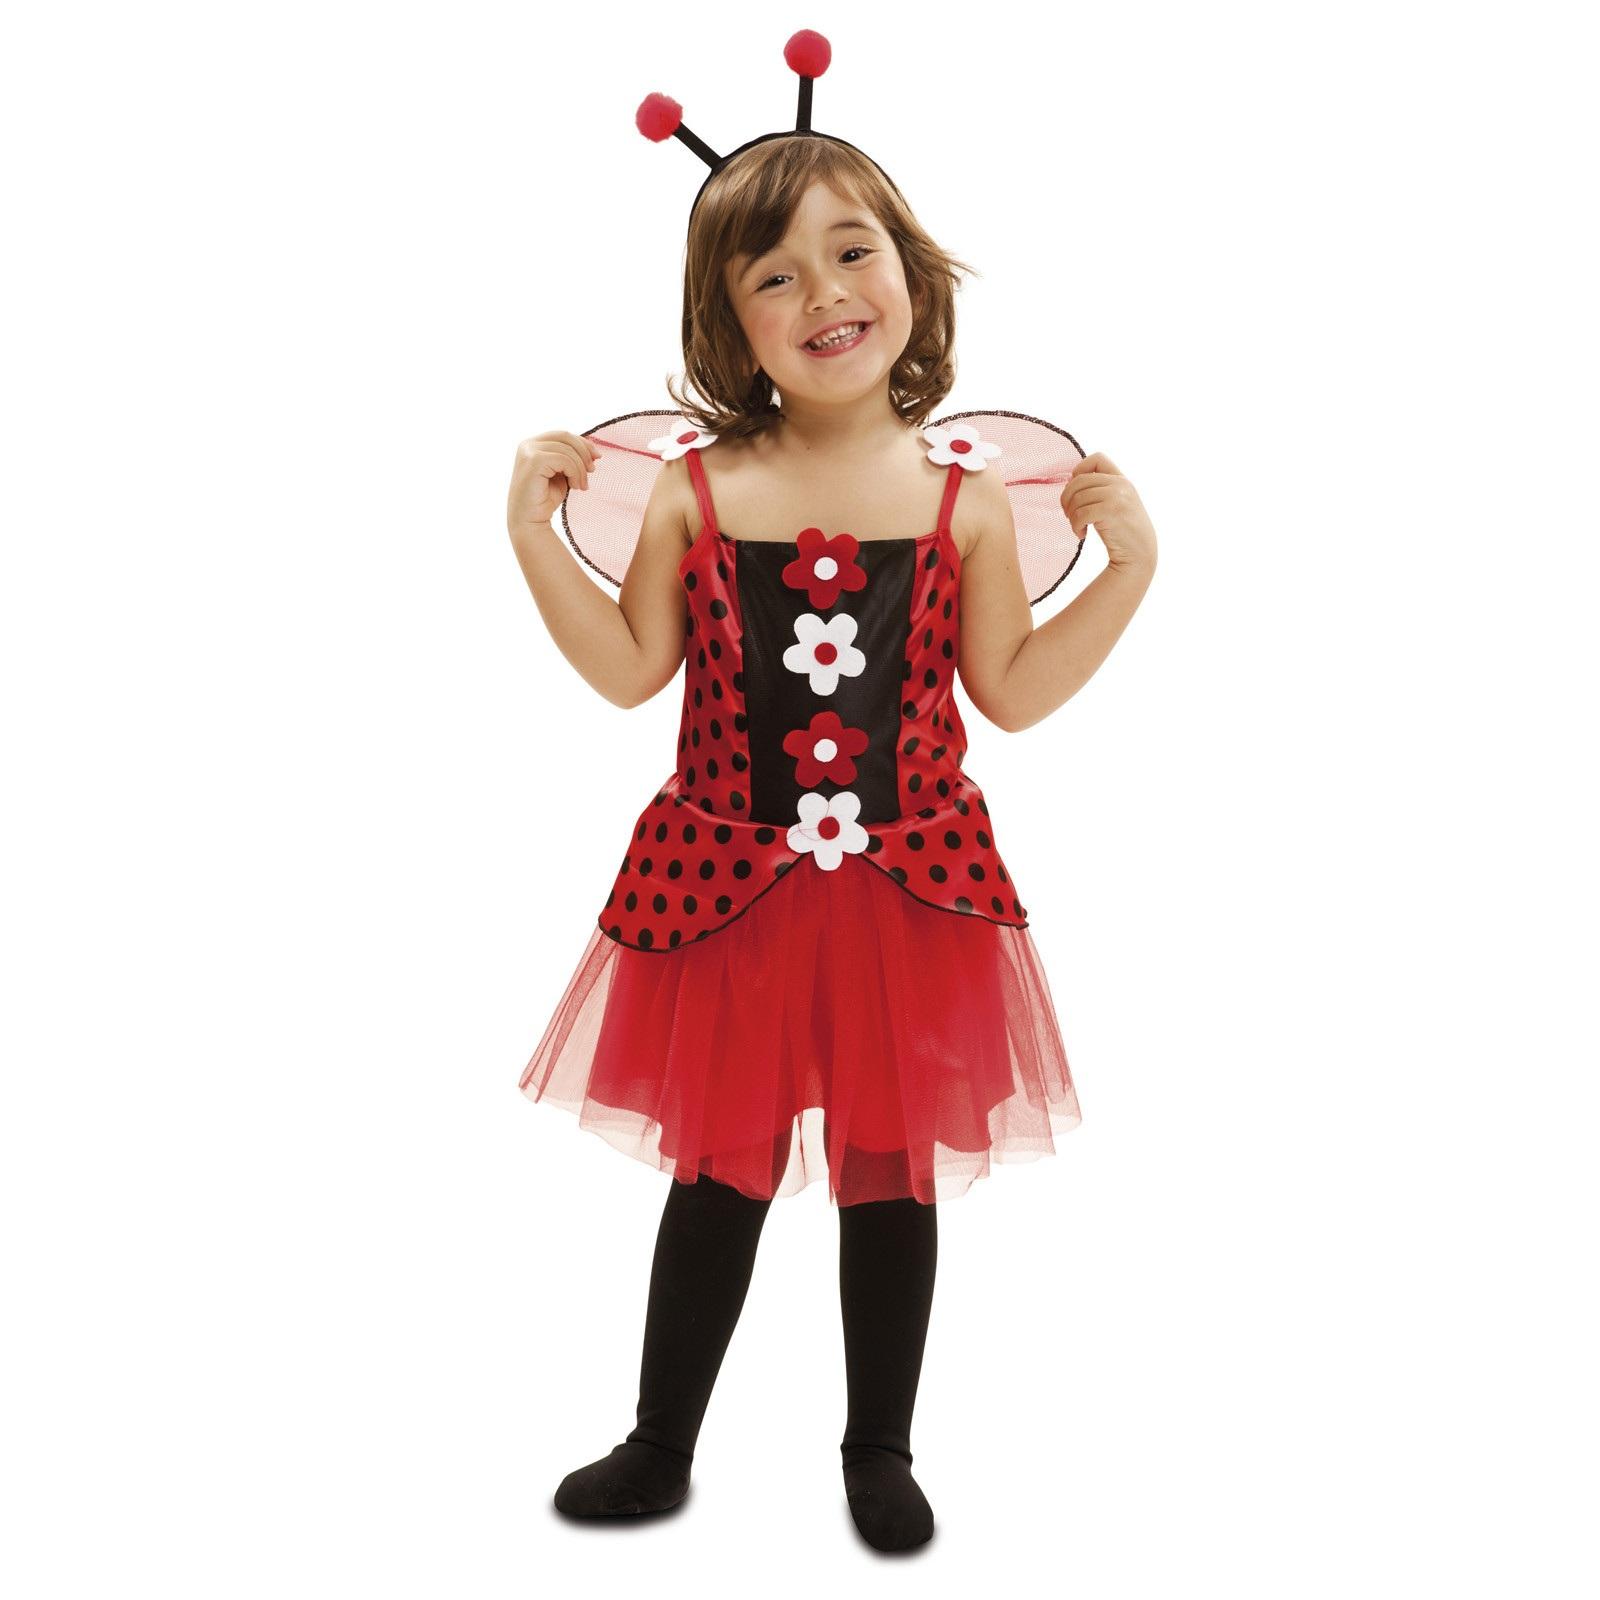 disfraz pequeña mariquita bebé 202289mom - DISFRAZ DE PEQUEÑA MARIQUITA BEBE